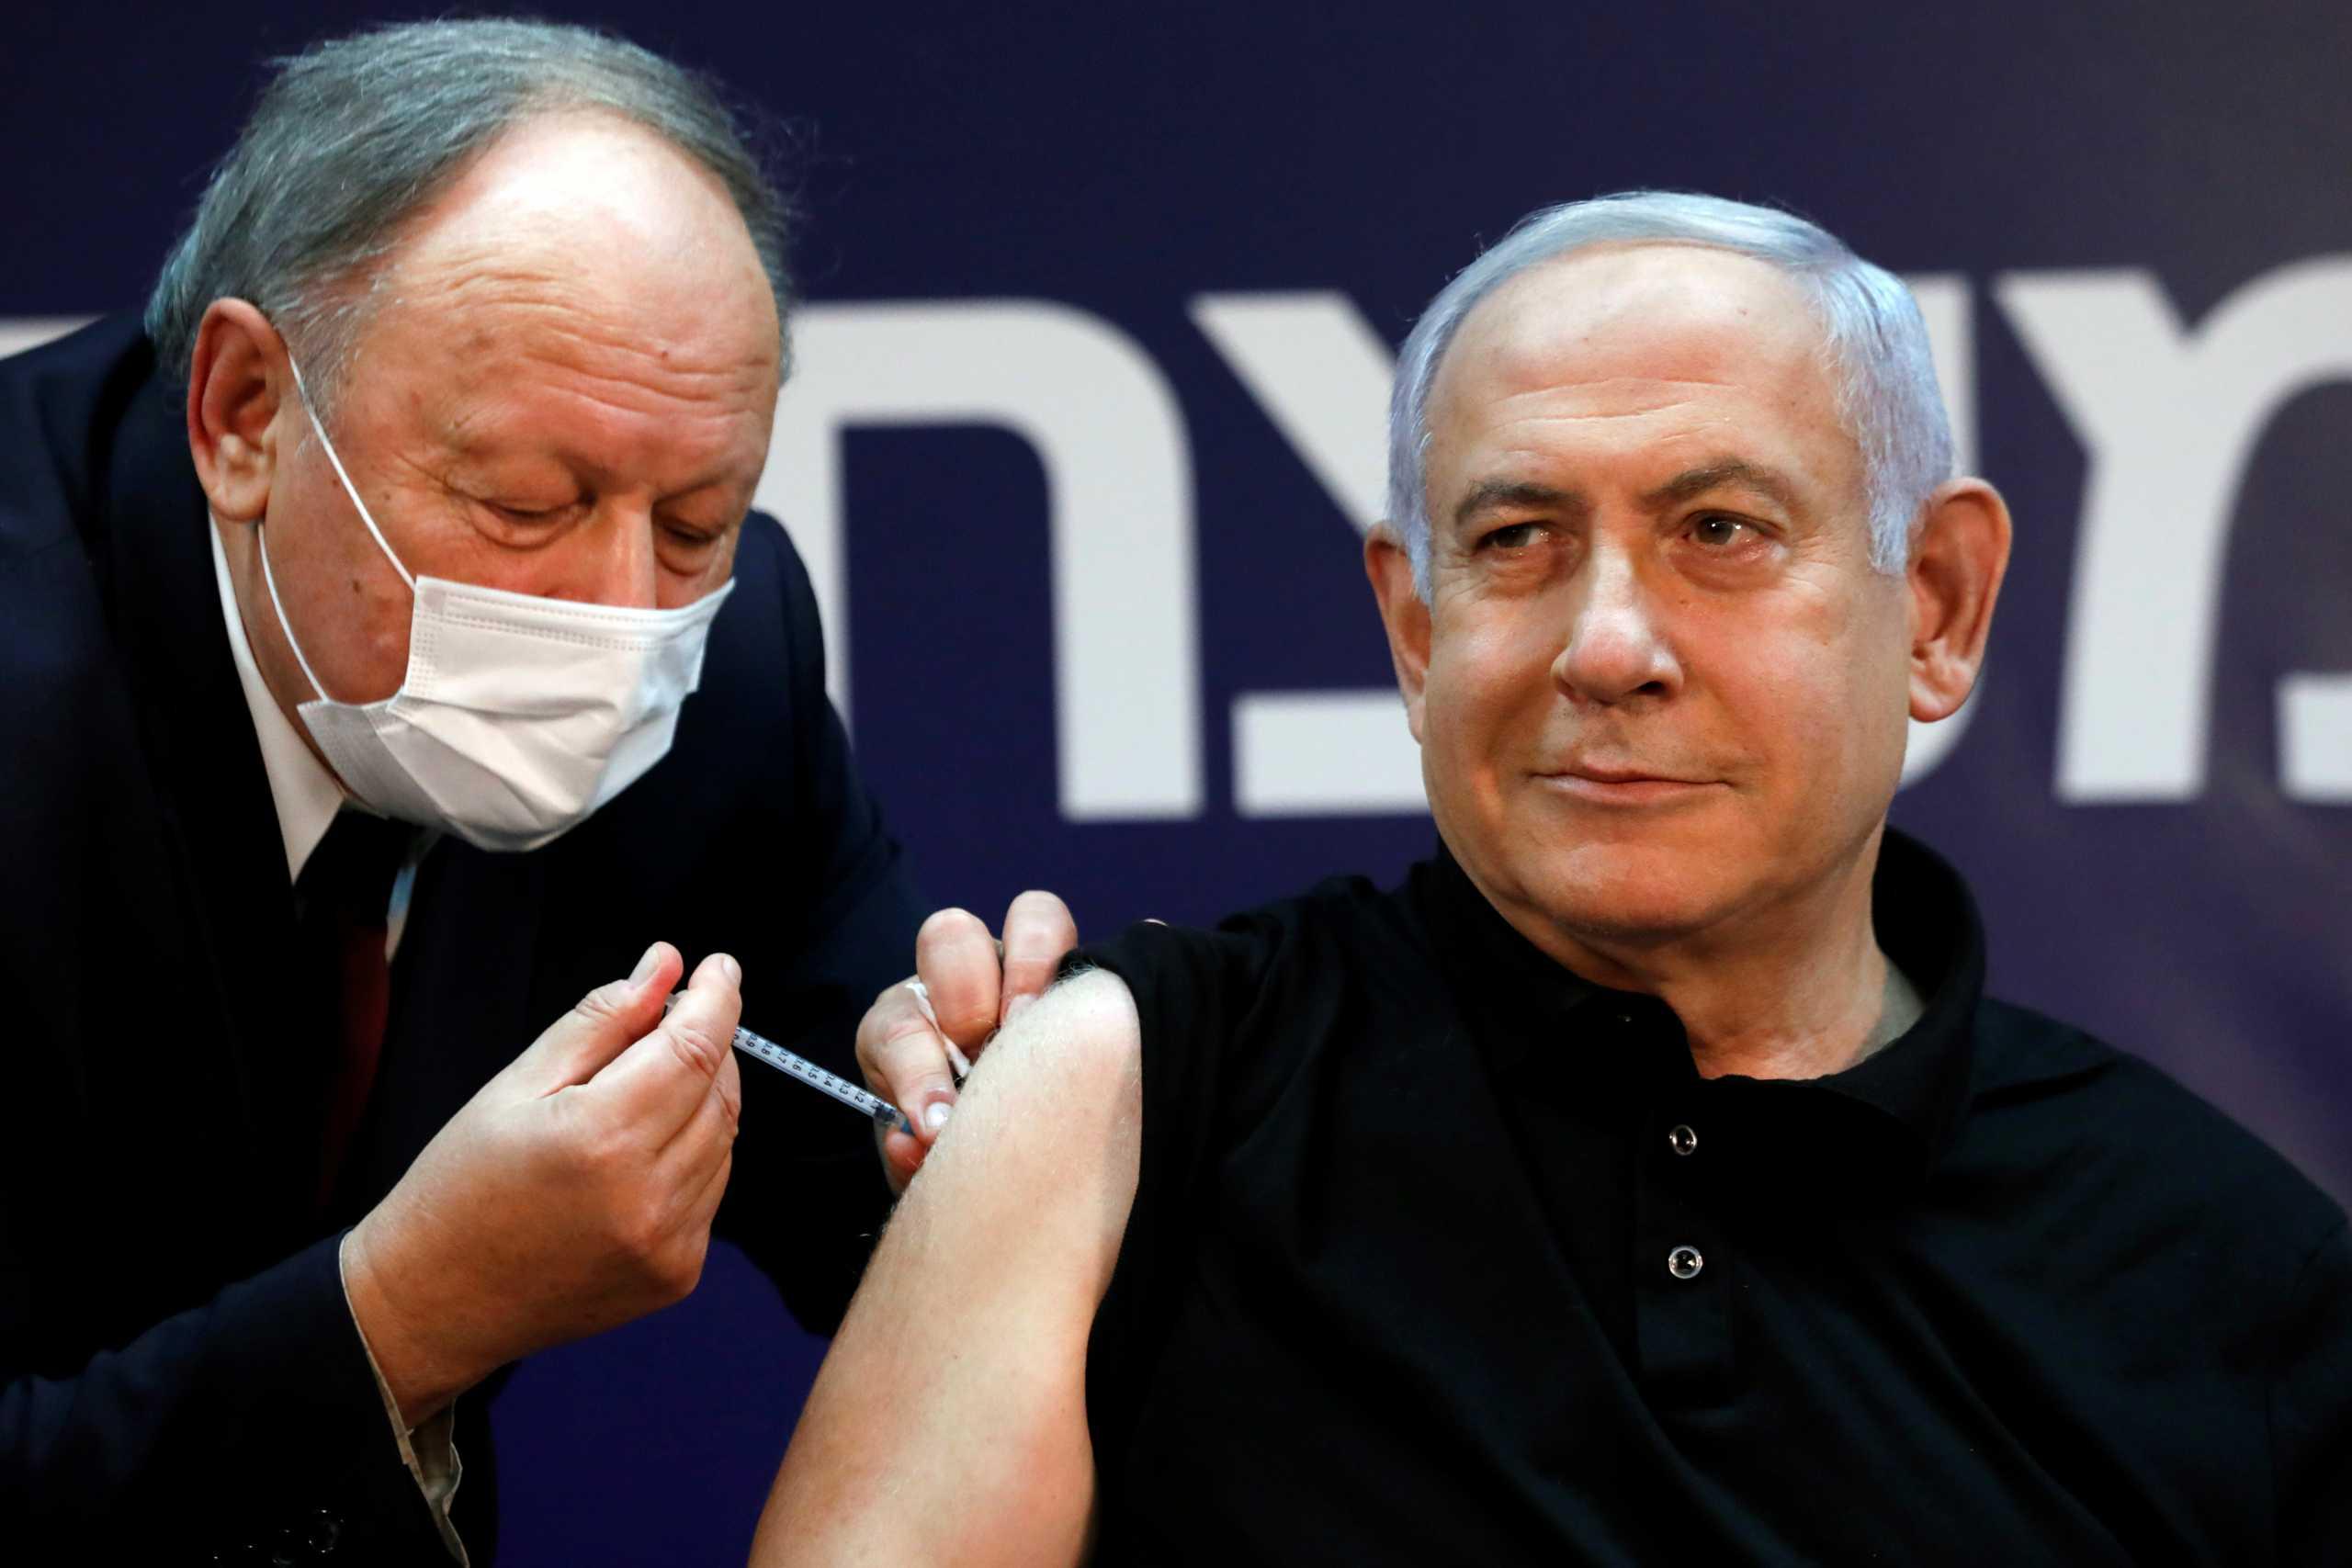 Κορονοϊός: Ξεκίνησαν οι εμβολιασμοί στο Ισραήλ – Πρώτος το έκανε ο Νετανιάχου